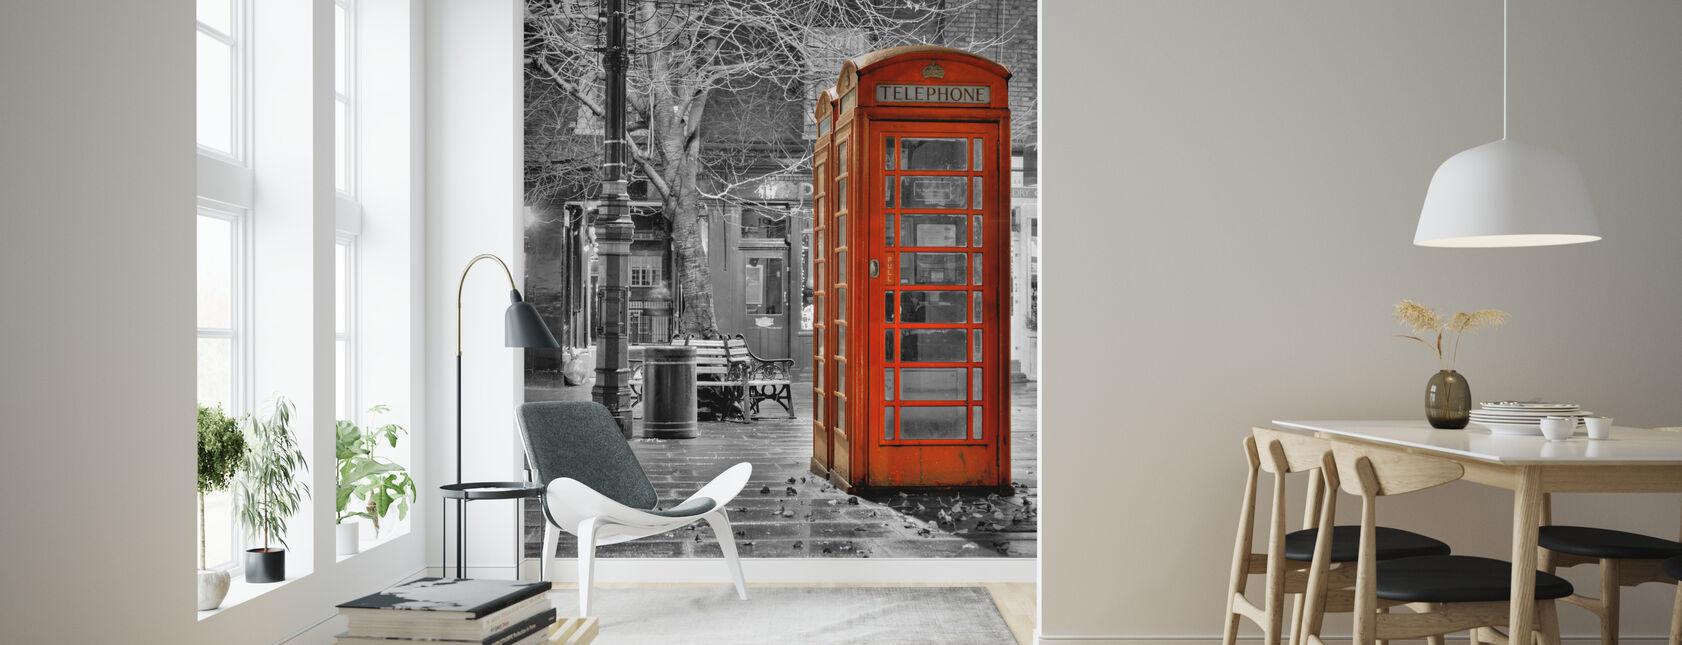 London Telefon - Tapet - Stue